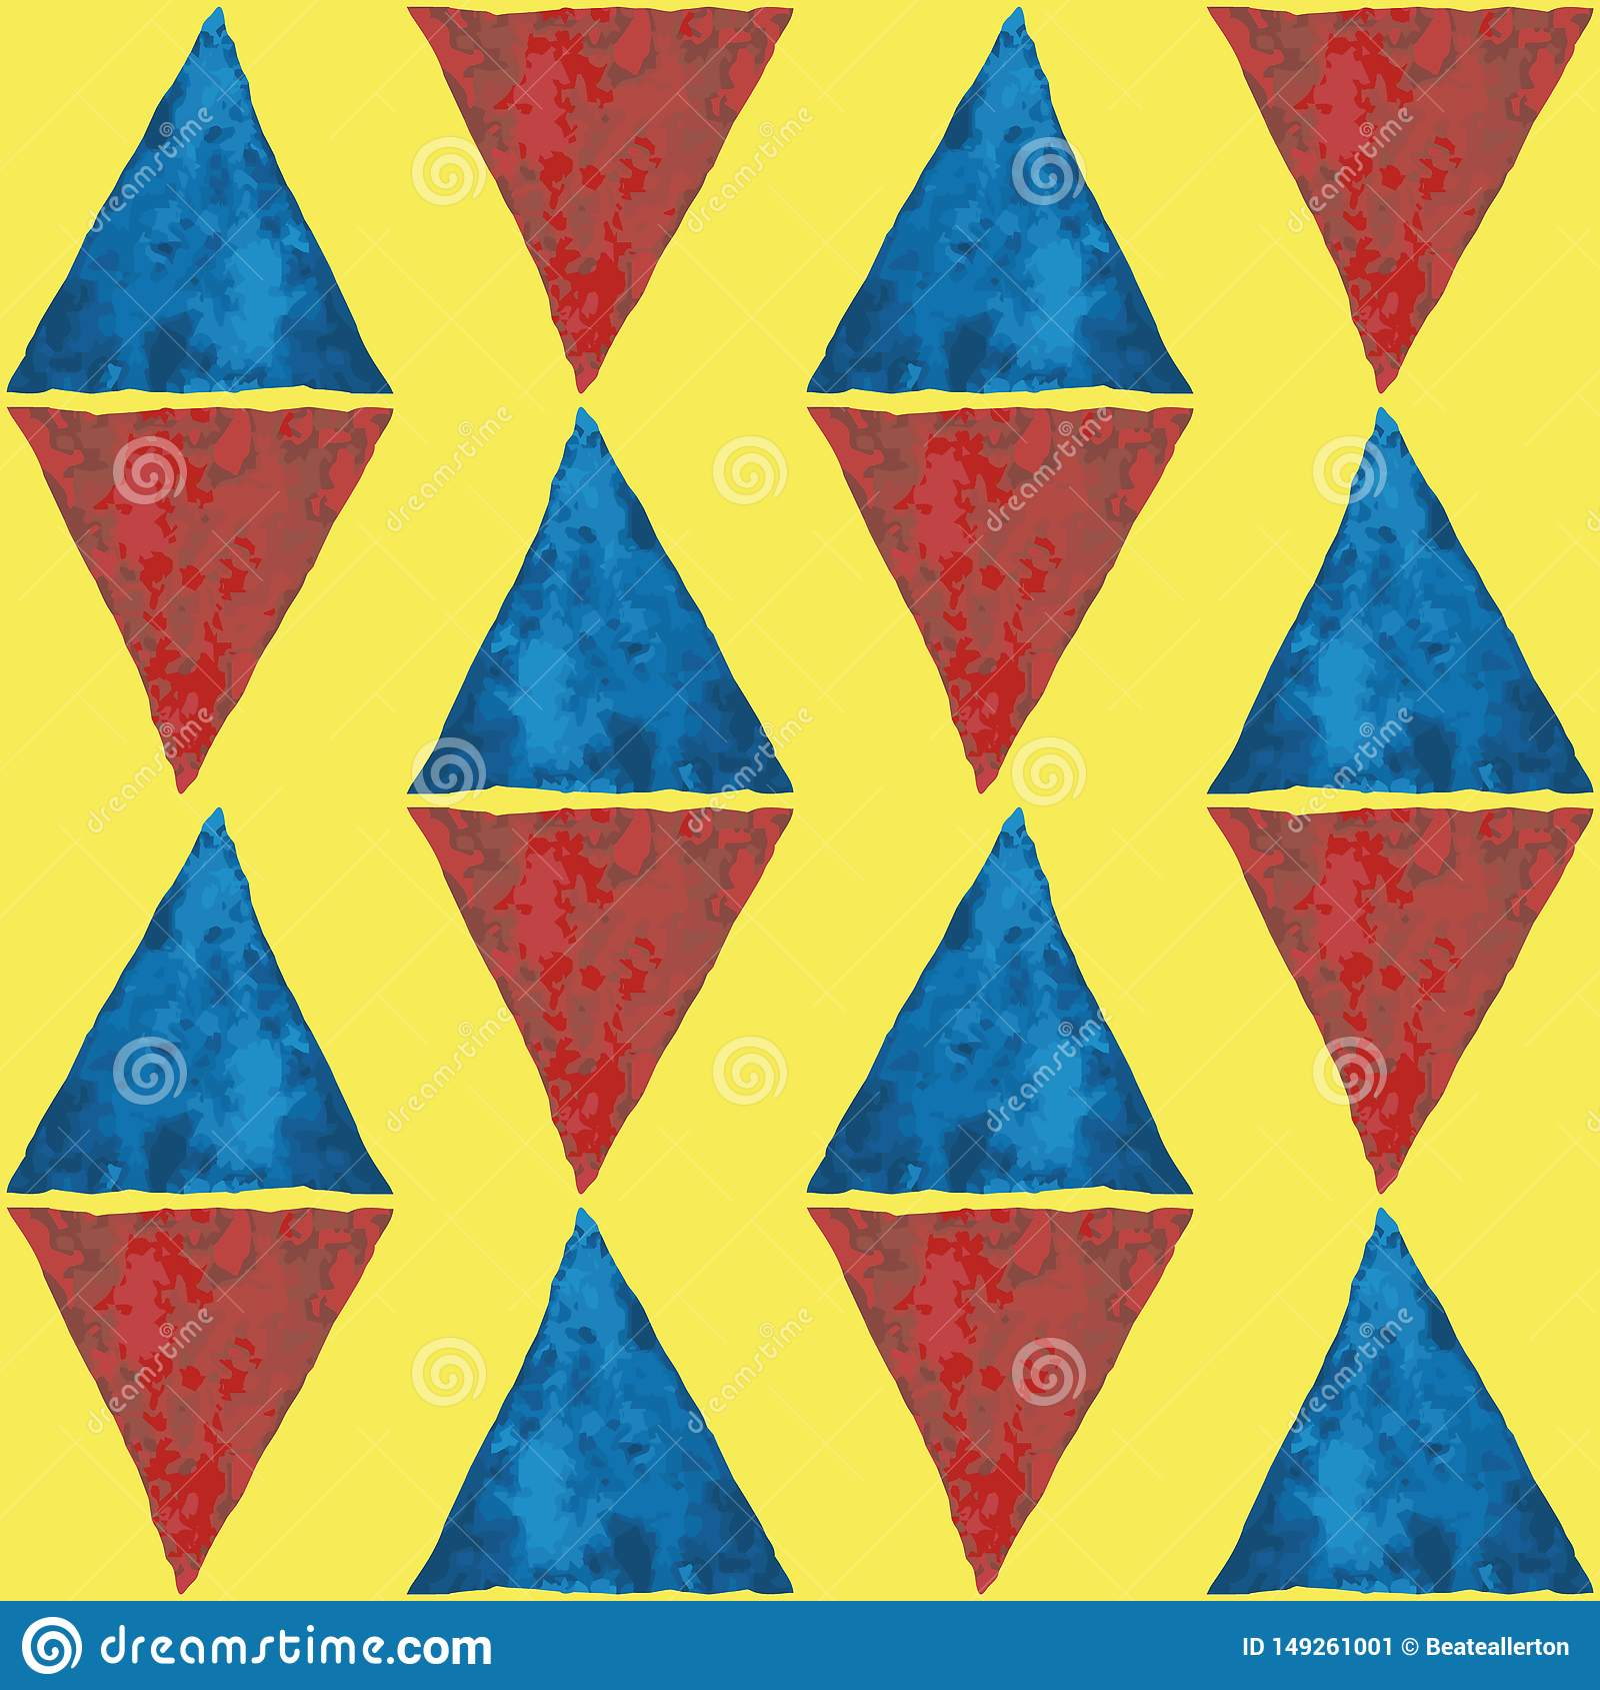 Diamantvormige blauwe en rode waterverfdriehoeken Abstract geometrisch vector naadloos patroon op heldere gele achtergrond